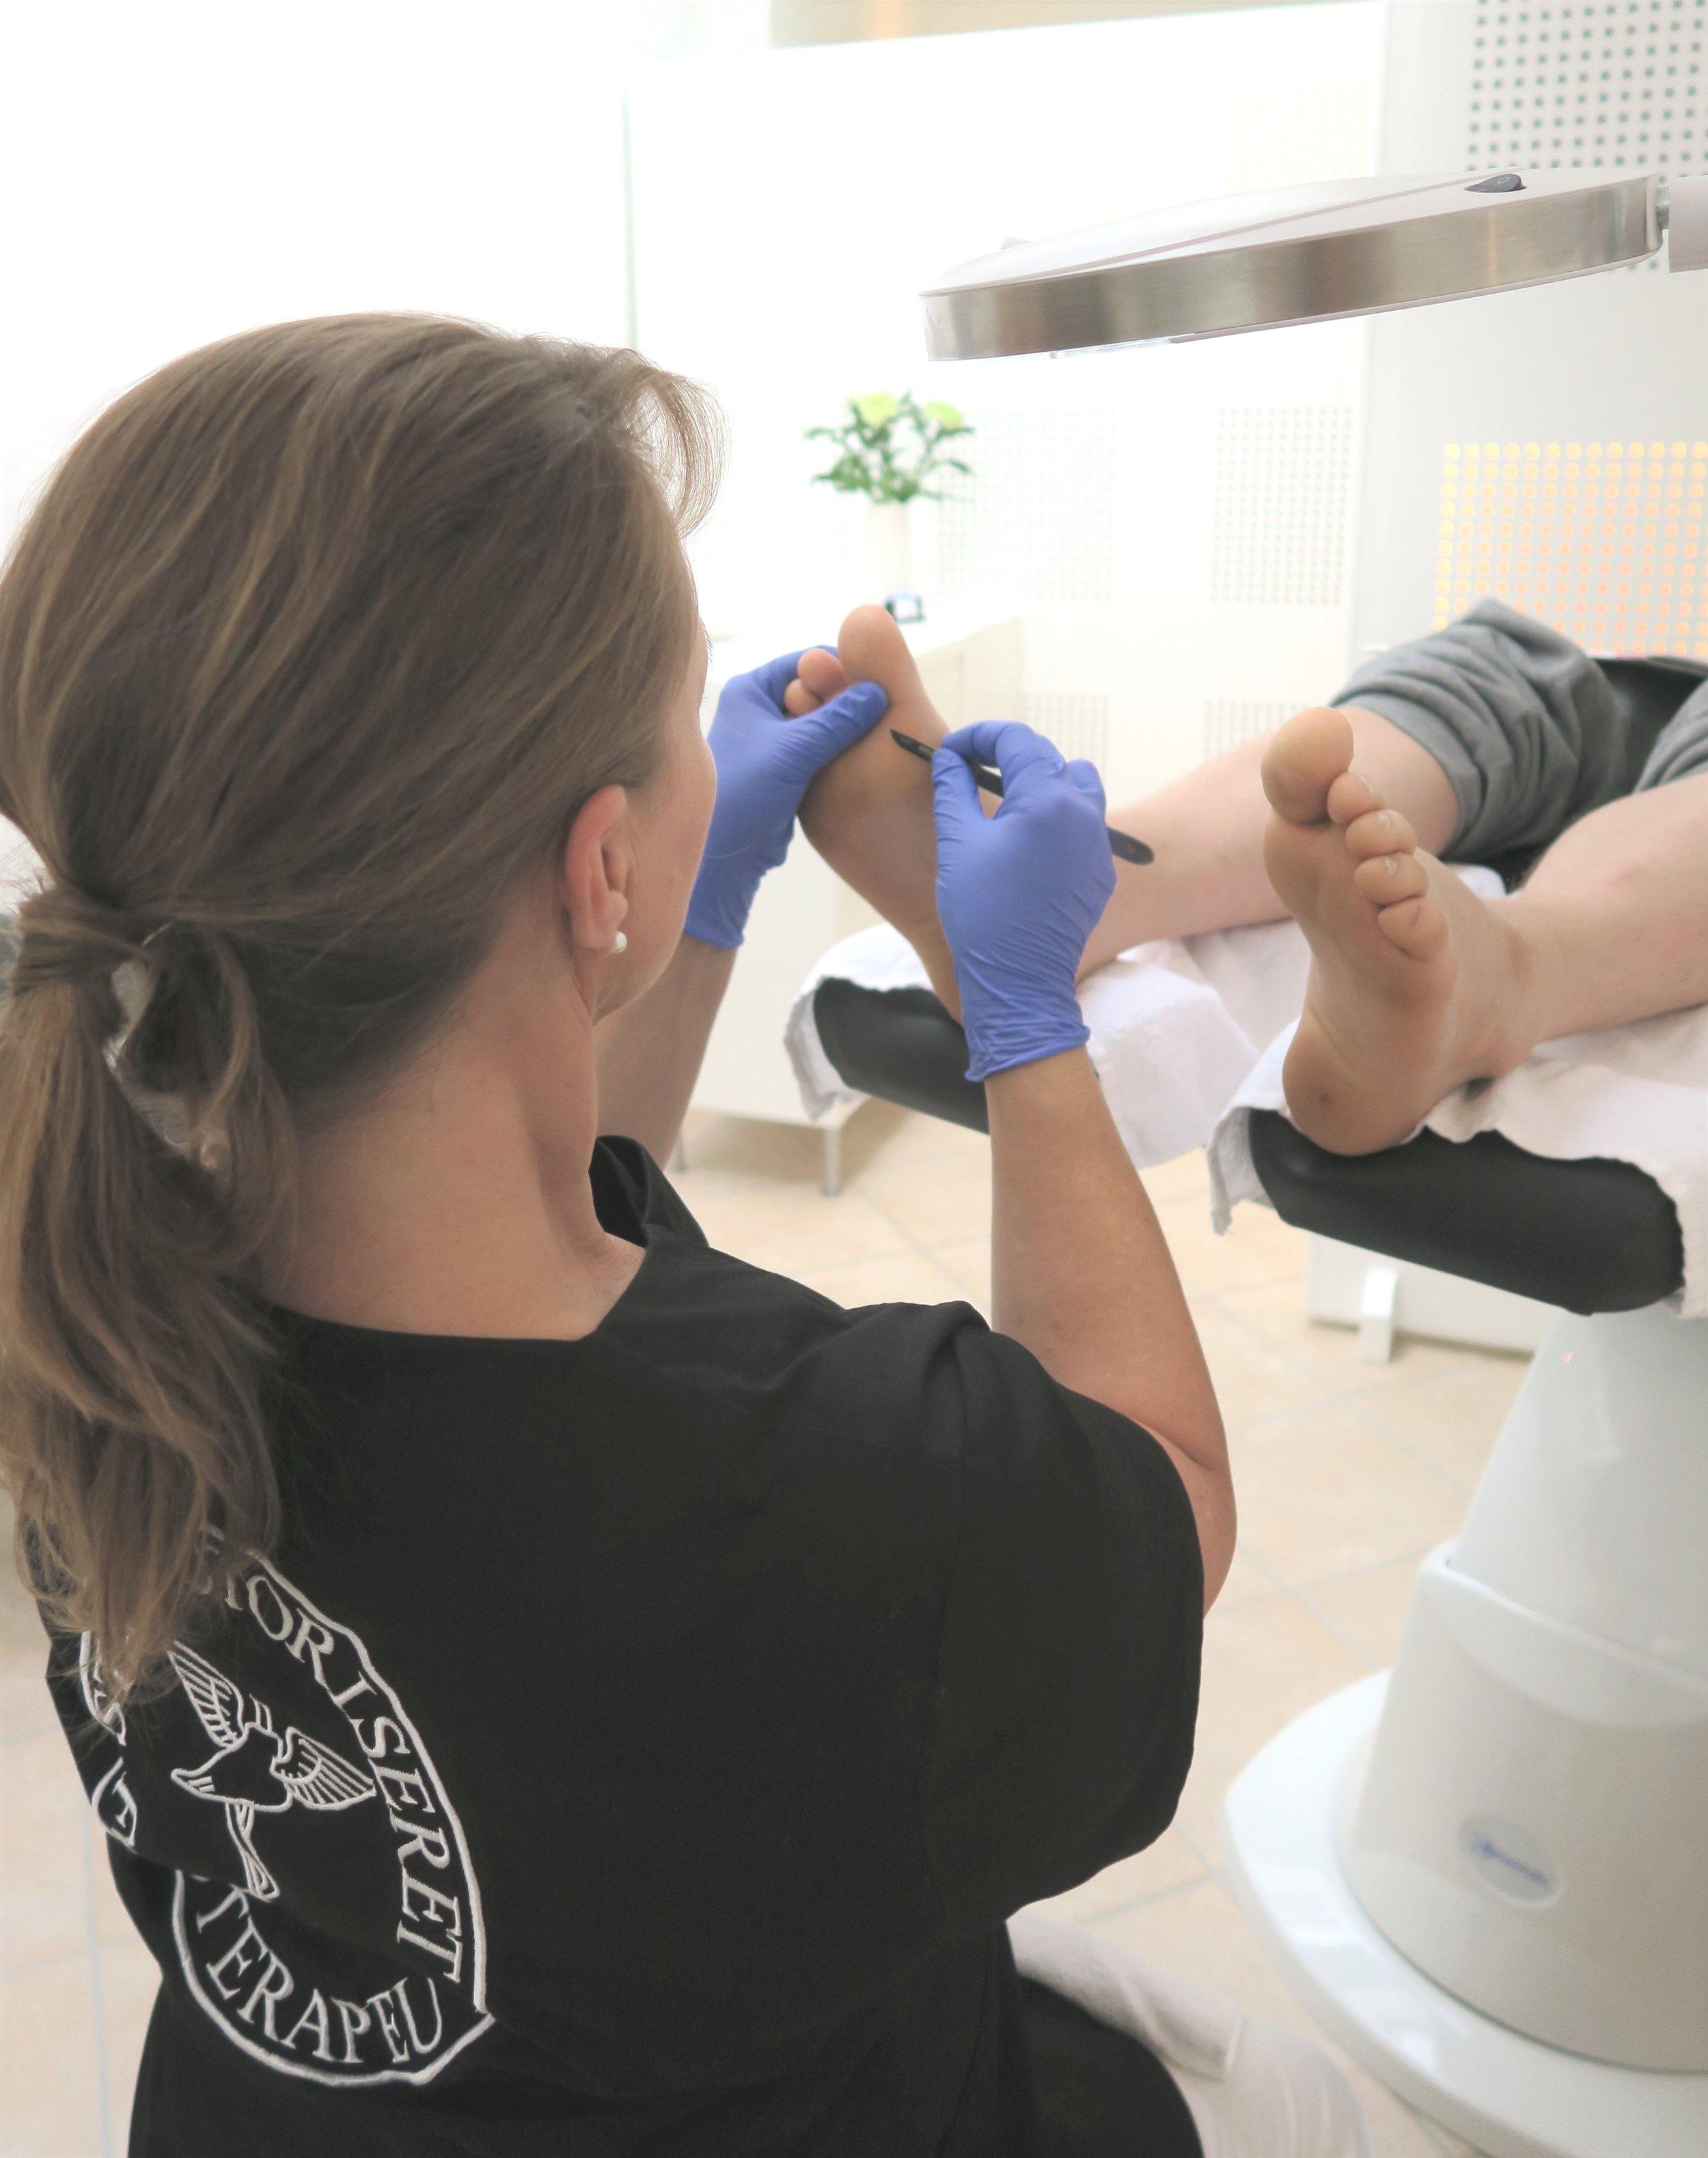 - Fodterapi er for alle. Hvad enten du ønsker at løfte dine fødders generelle sundhed, opleve velvære eller har behov for hjælp til at lindre problemer, så er du altid velkommen i klinikken.Dorthe har som sygeplejerske og statsautoriseret fodterapeut, mange års erfaring med behandling af b.la. gigt relaterede lidelser, kredsløbs-lidelser, diabetes og hudsygdomme.Autorisationen er din garanti for en professionel og sundhedsfaglig behandling af dine fødder.